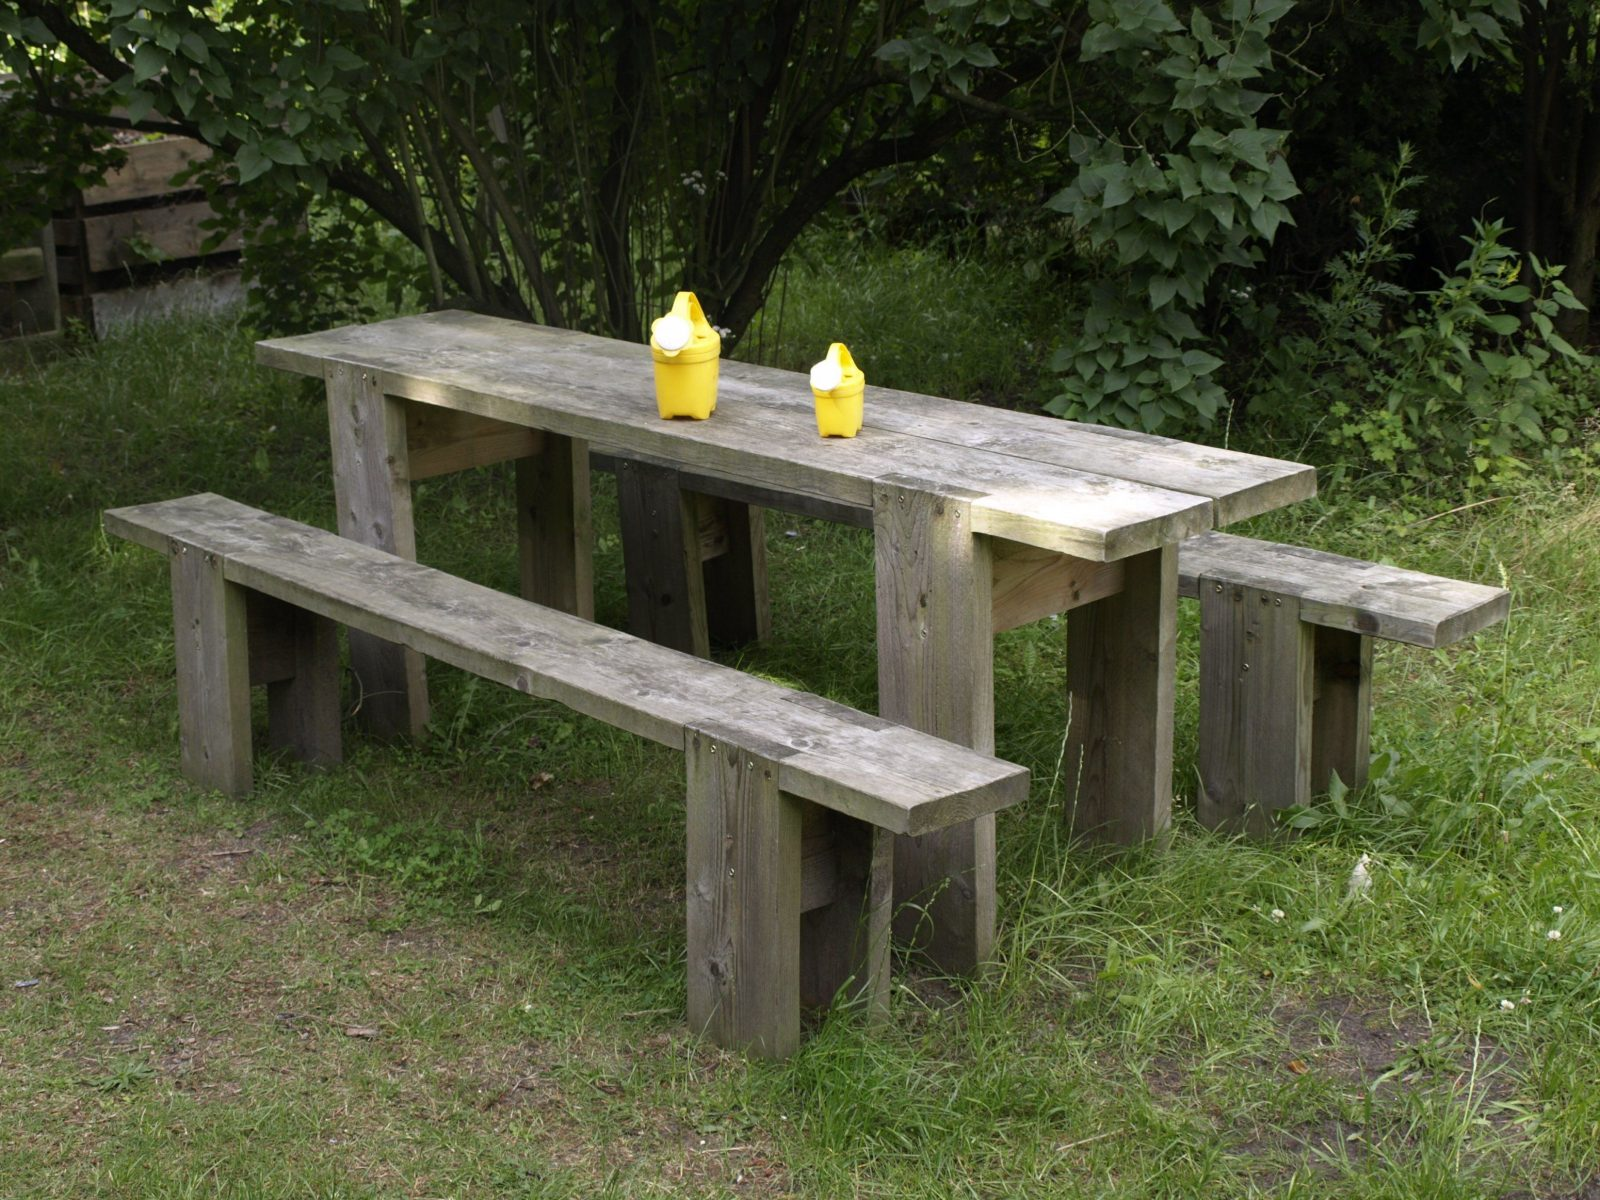 Der Gartentisch Und Die Gartenbank Sind Robust Und Billig  Saegeblog von Möbel Aus Gerüstbohlen Selber Bauen Bild